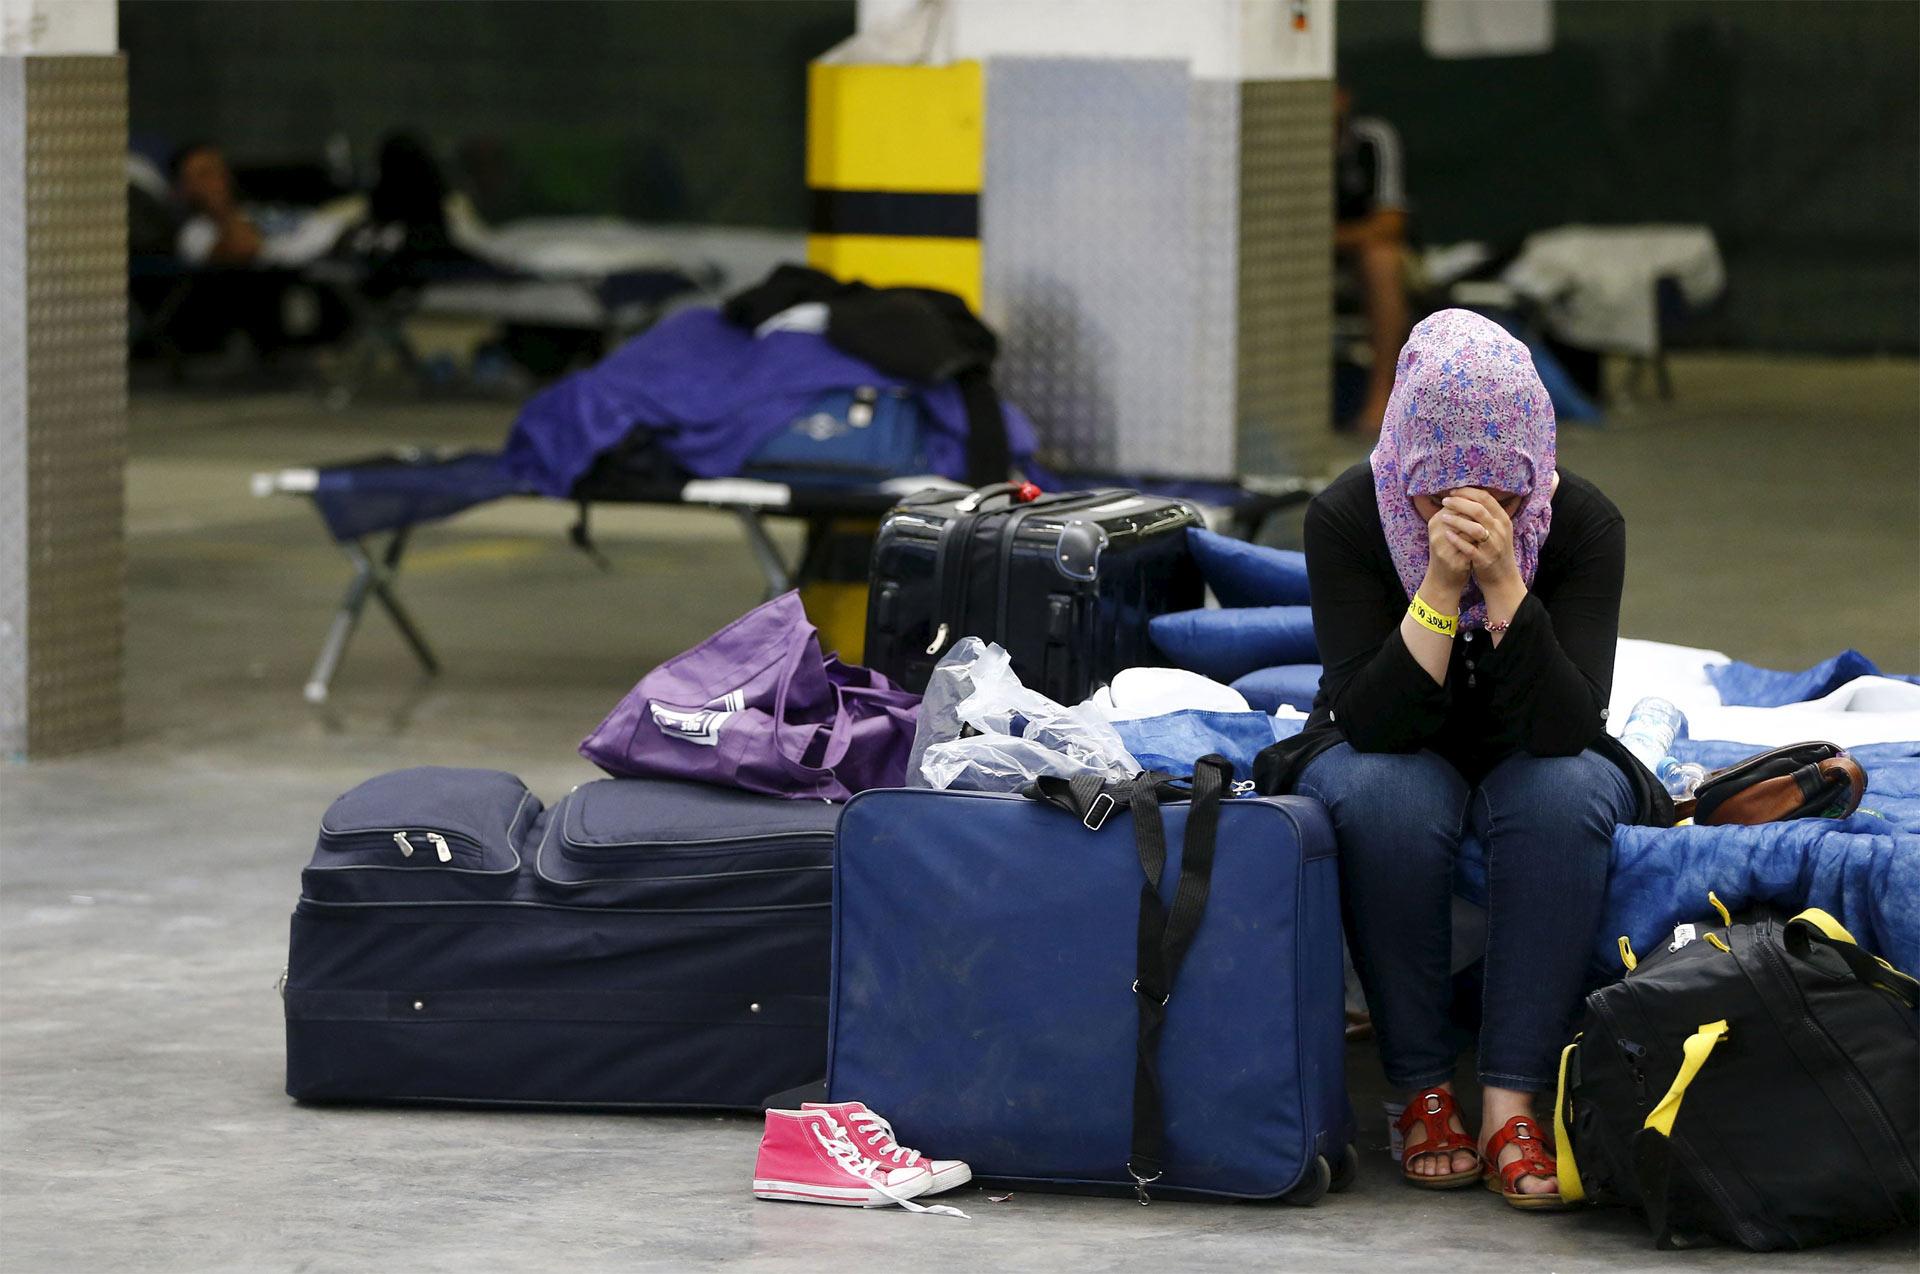 El país recibirá una cuota de refugiados por ahora, pero rechazó sistema obligatorio a largo plazo